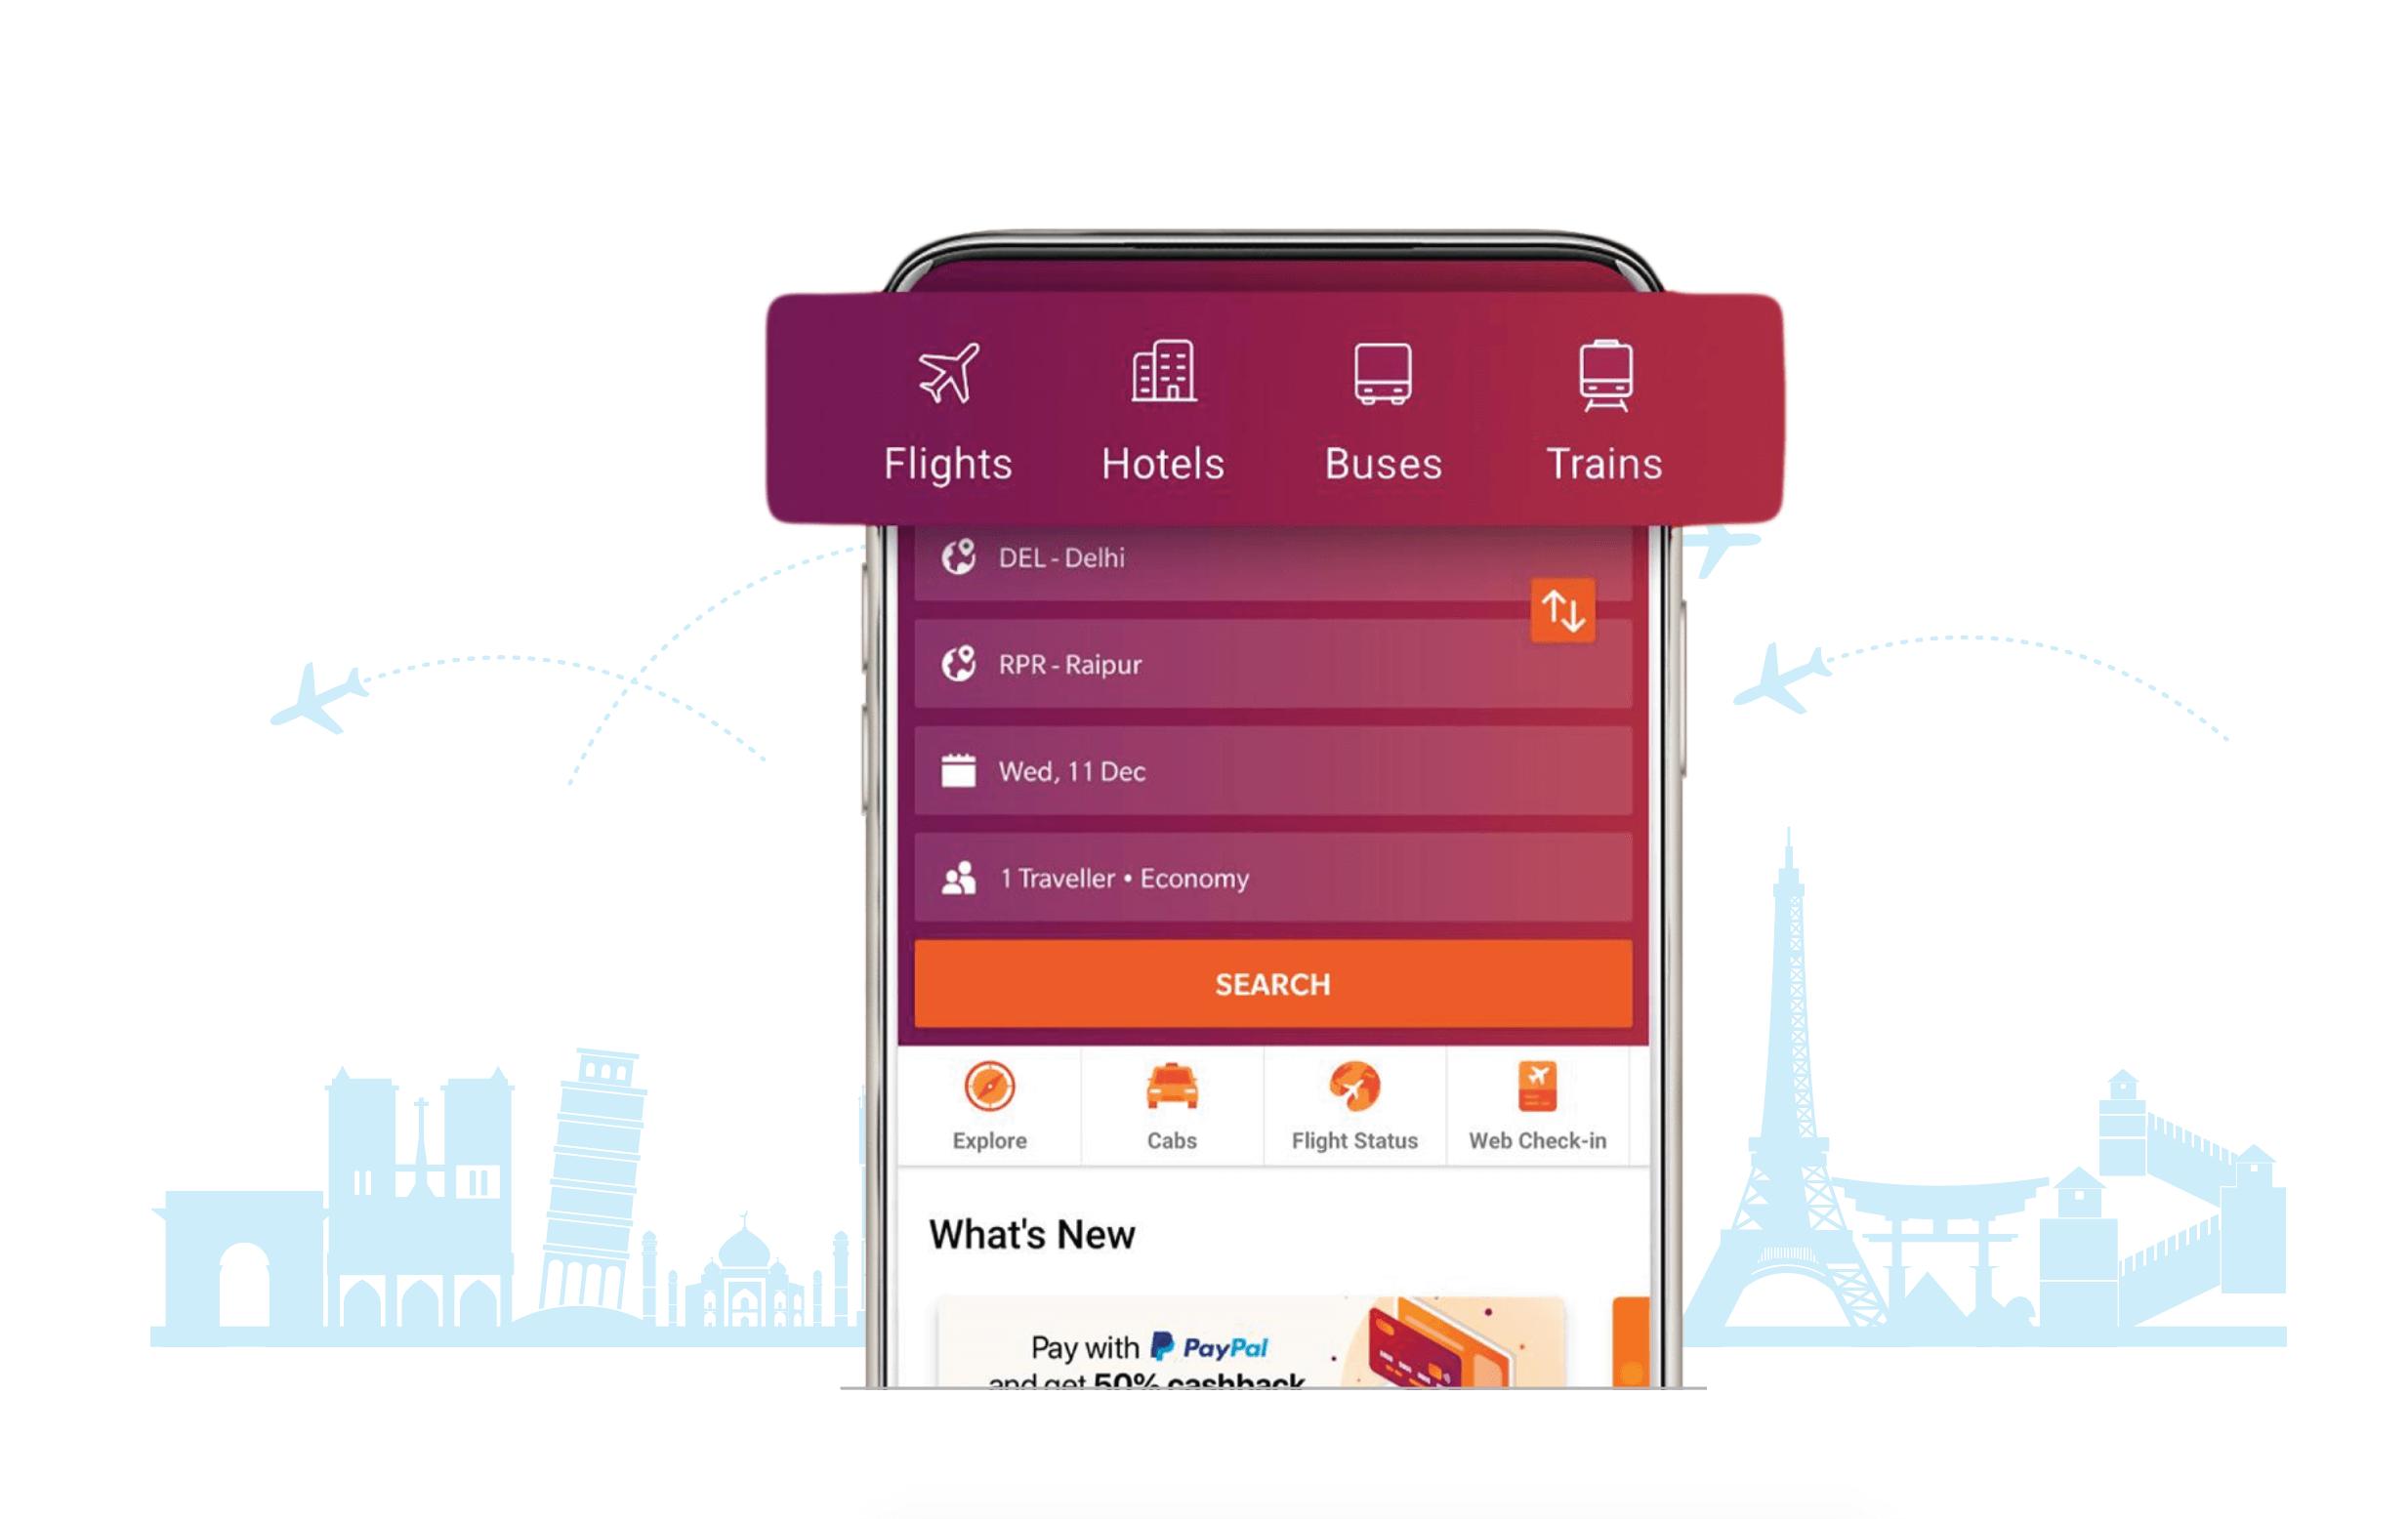 Ixigo app travel booking platfrom